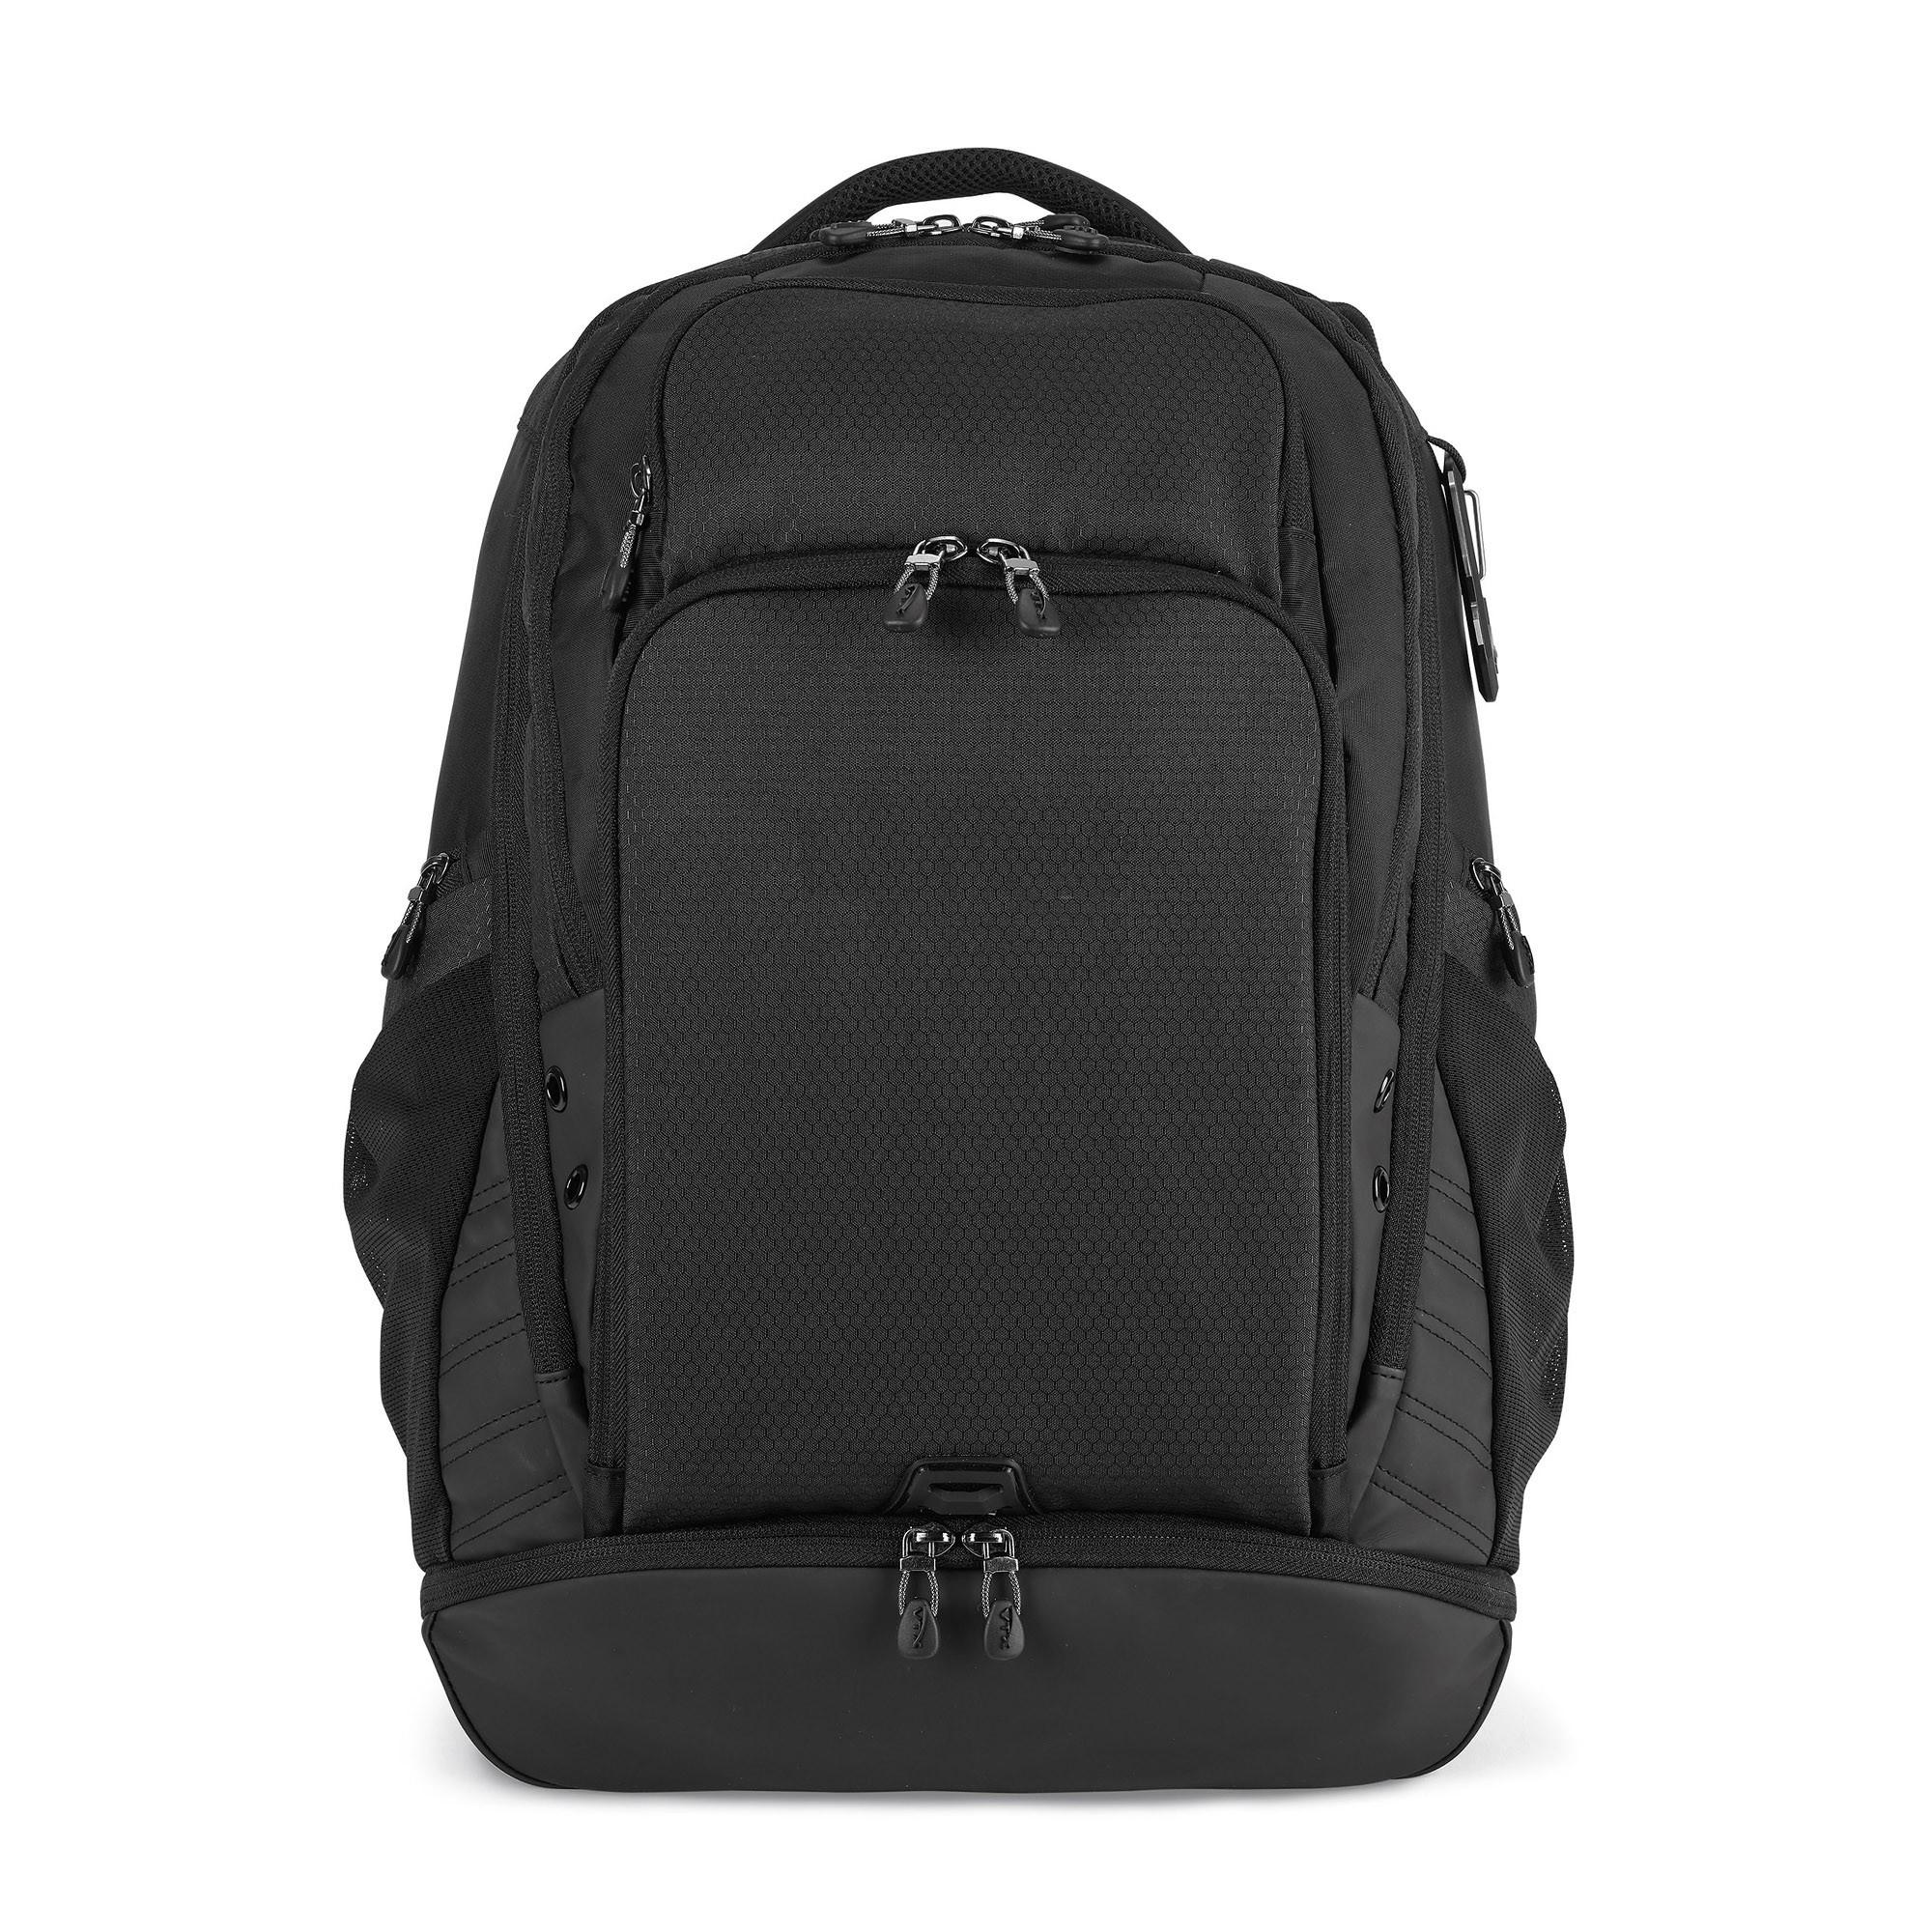 Vertex 5387 - Viper Computer Backpack